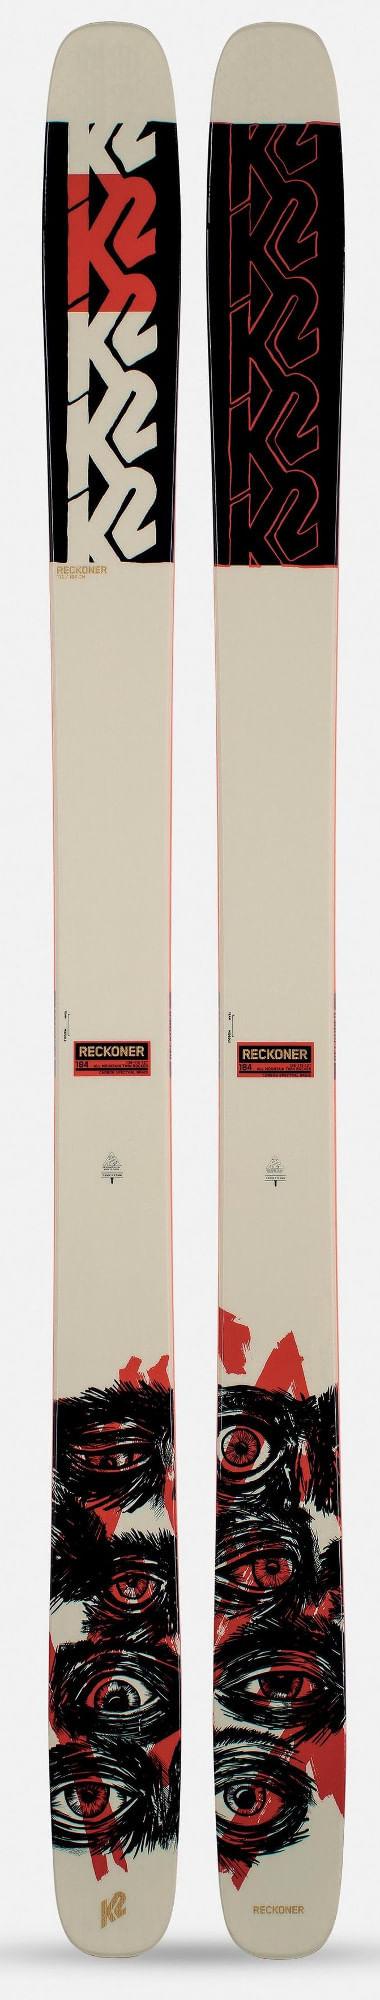 K2-Reckoner-112-Skis-2021